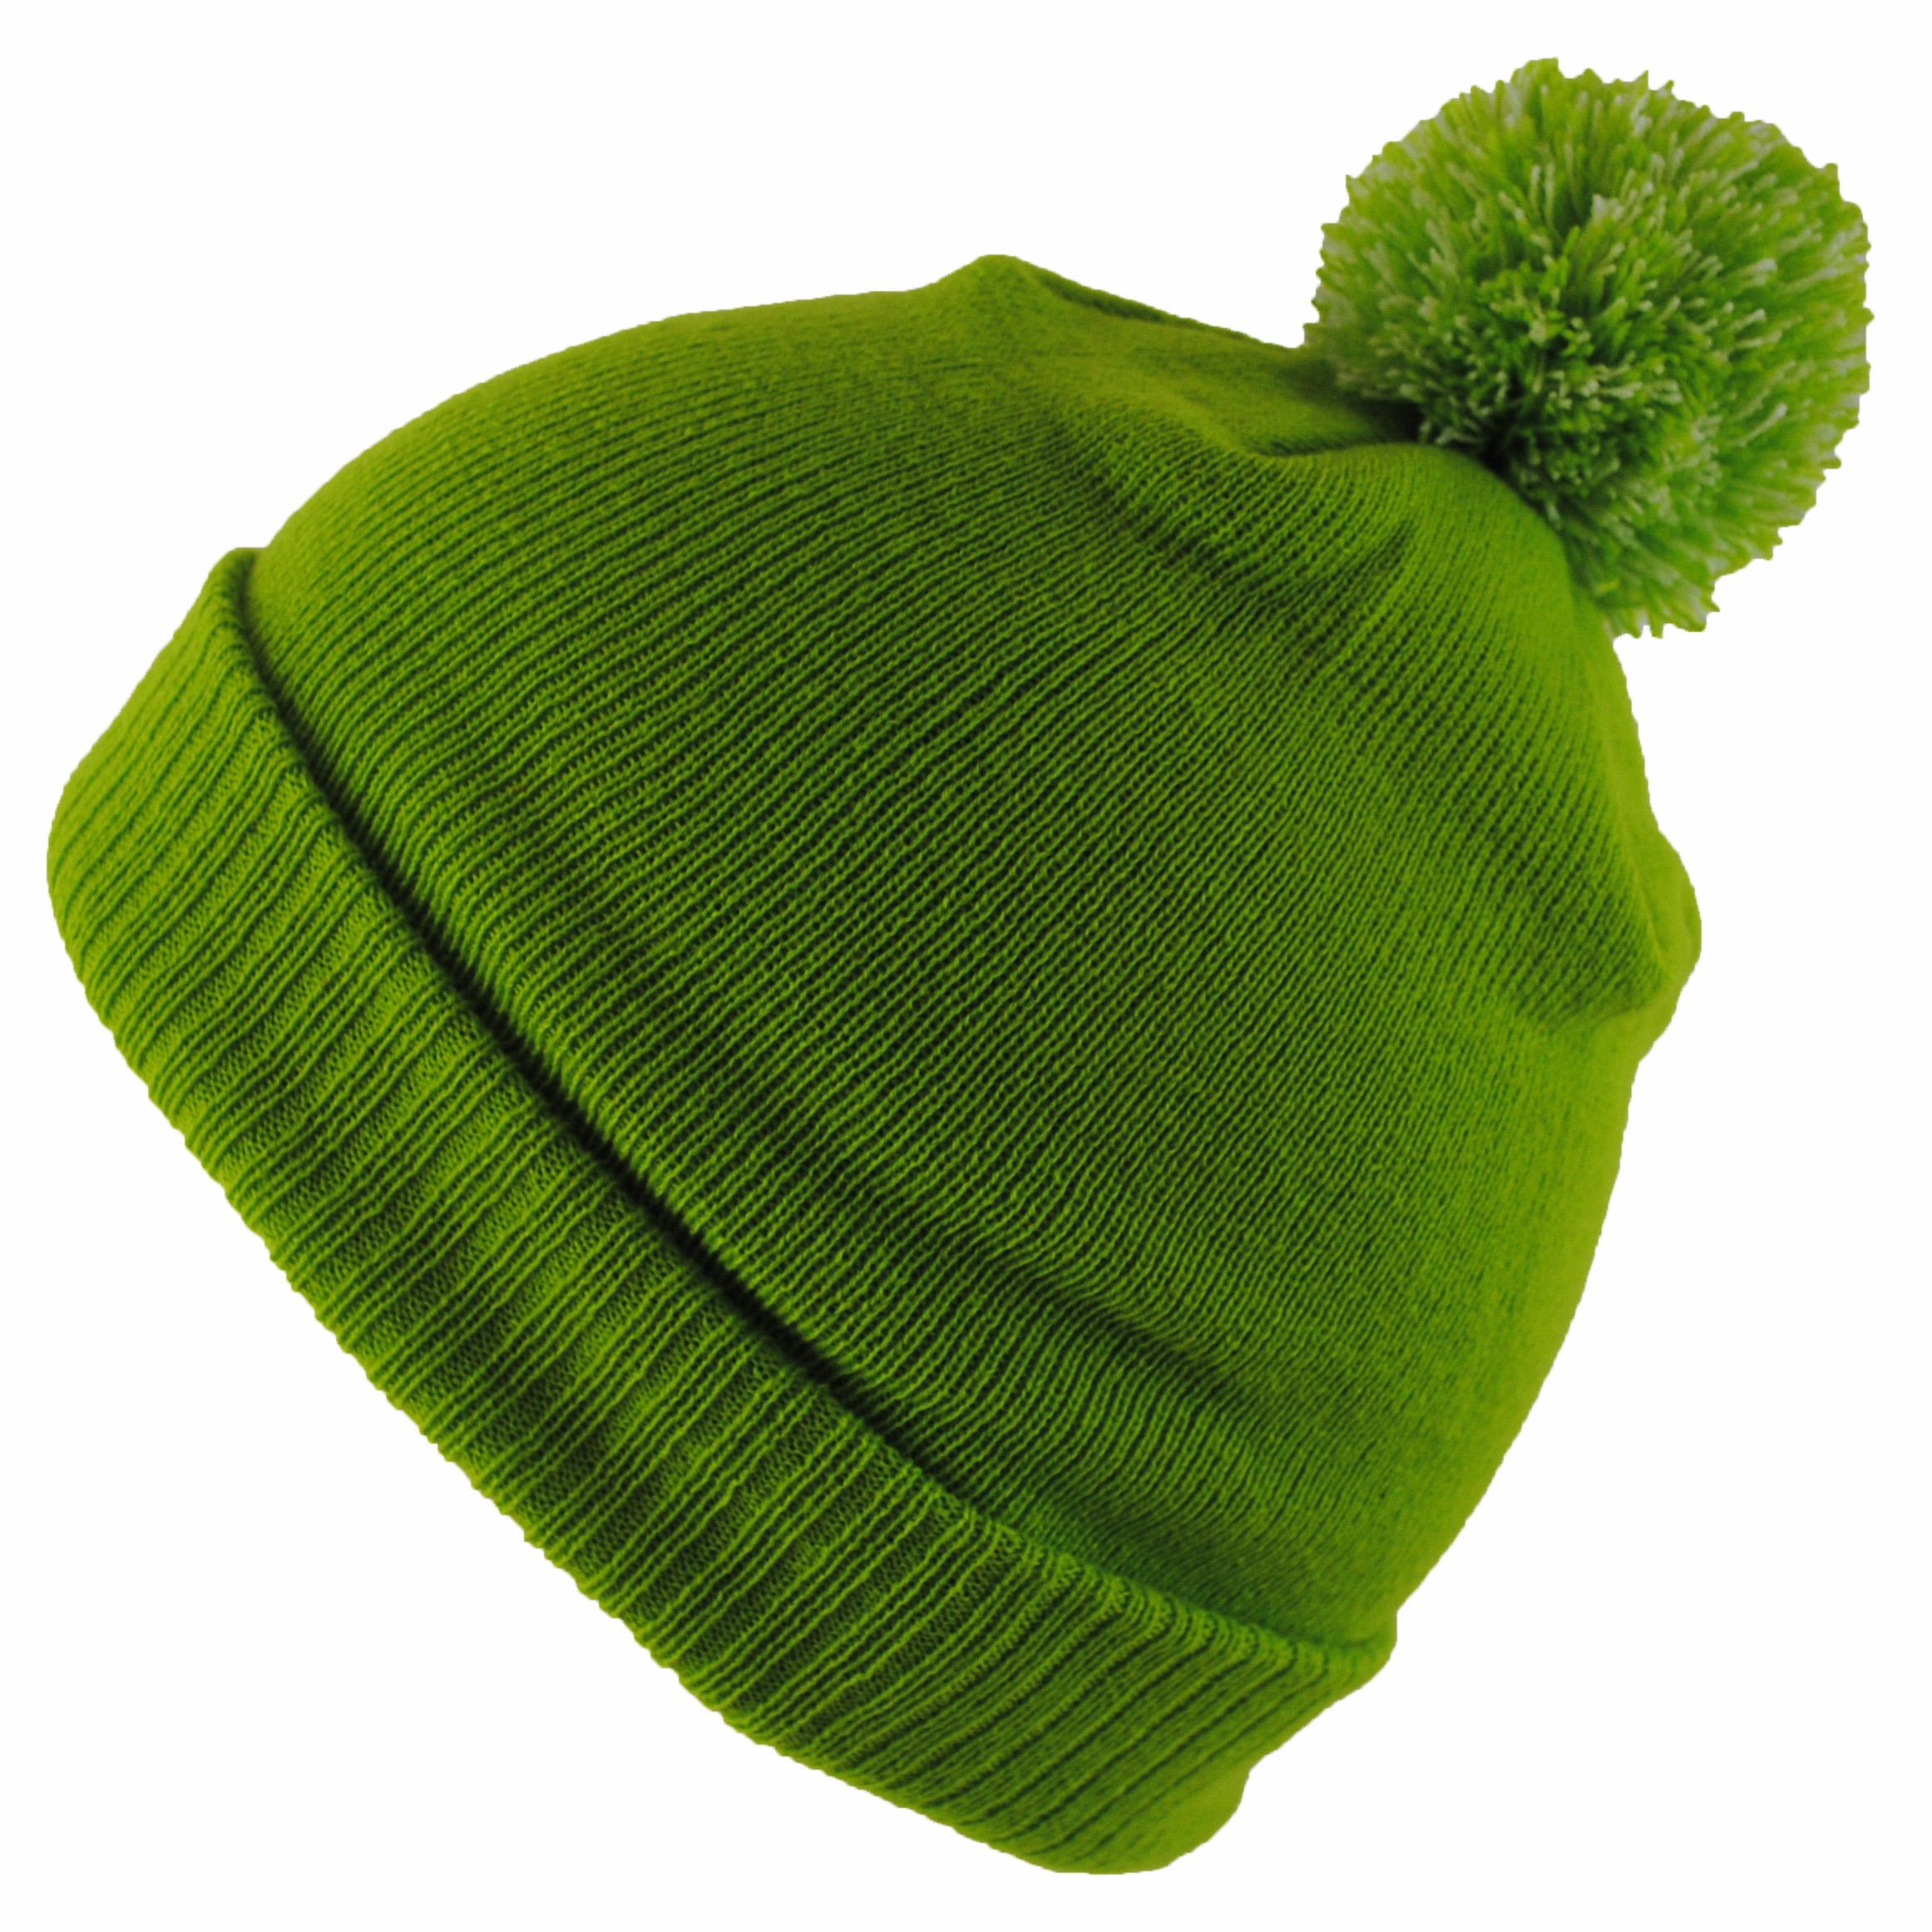 Resultado de imagen de green winter hat